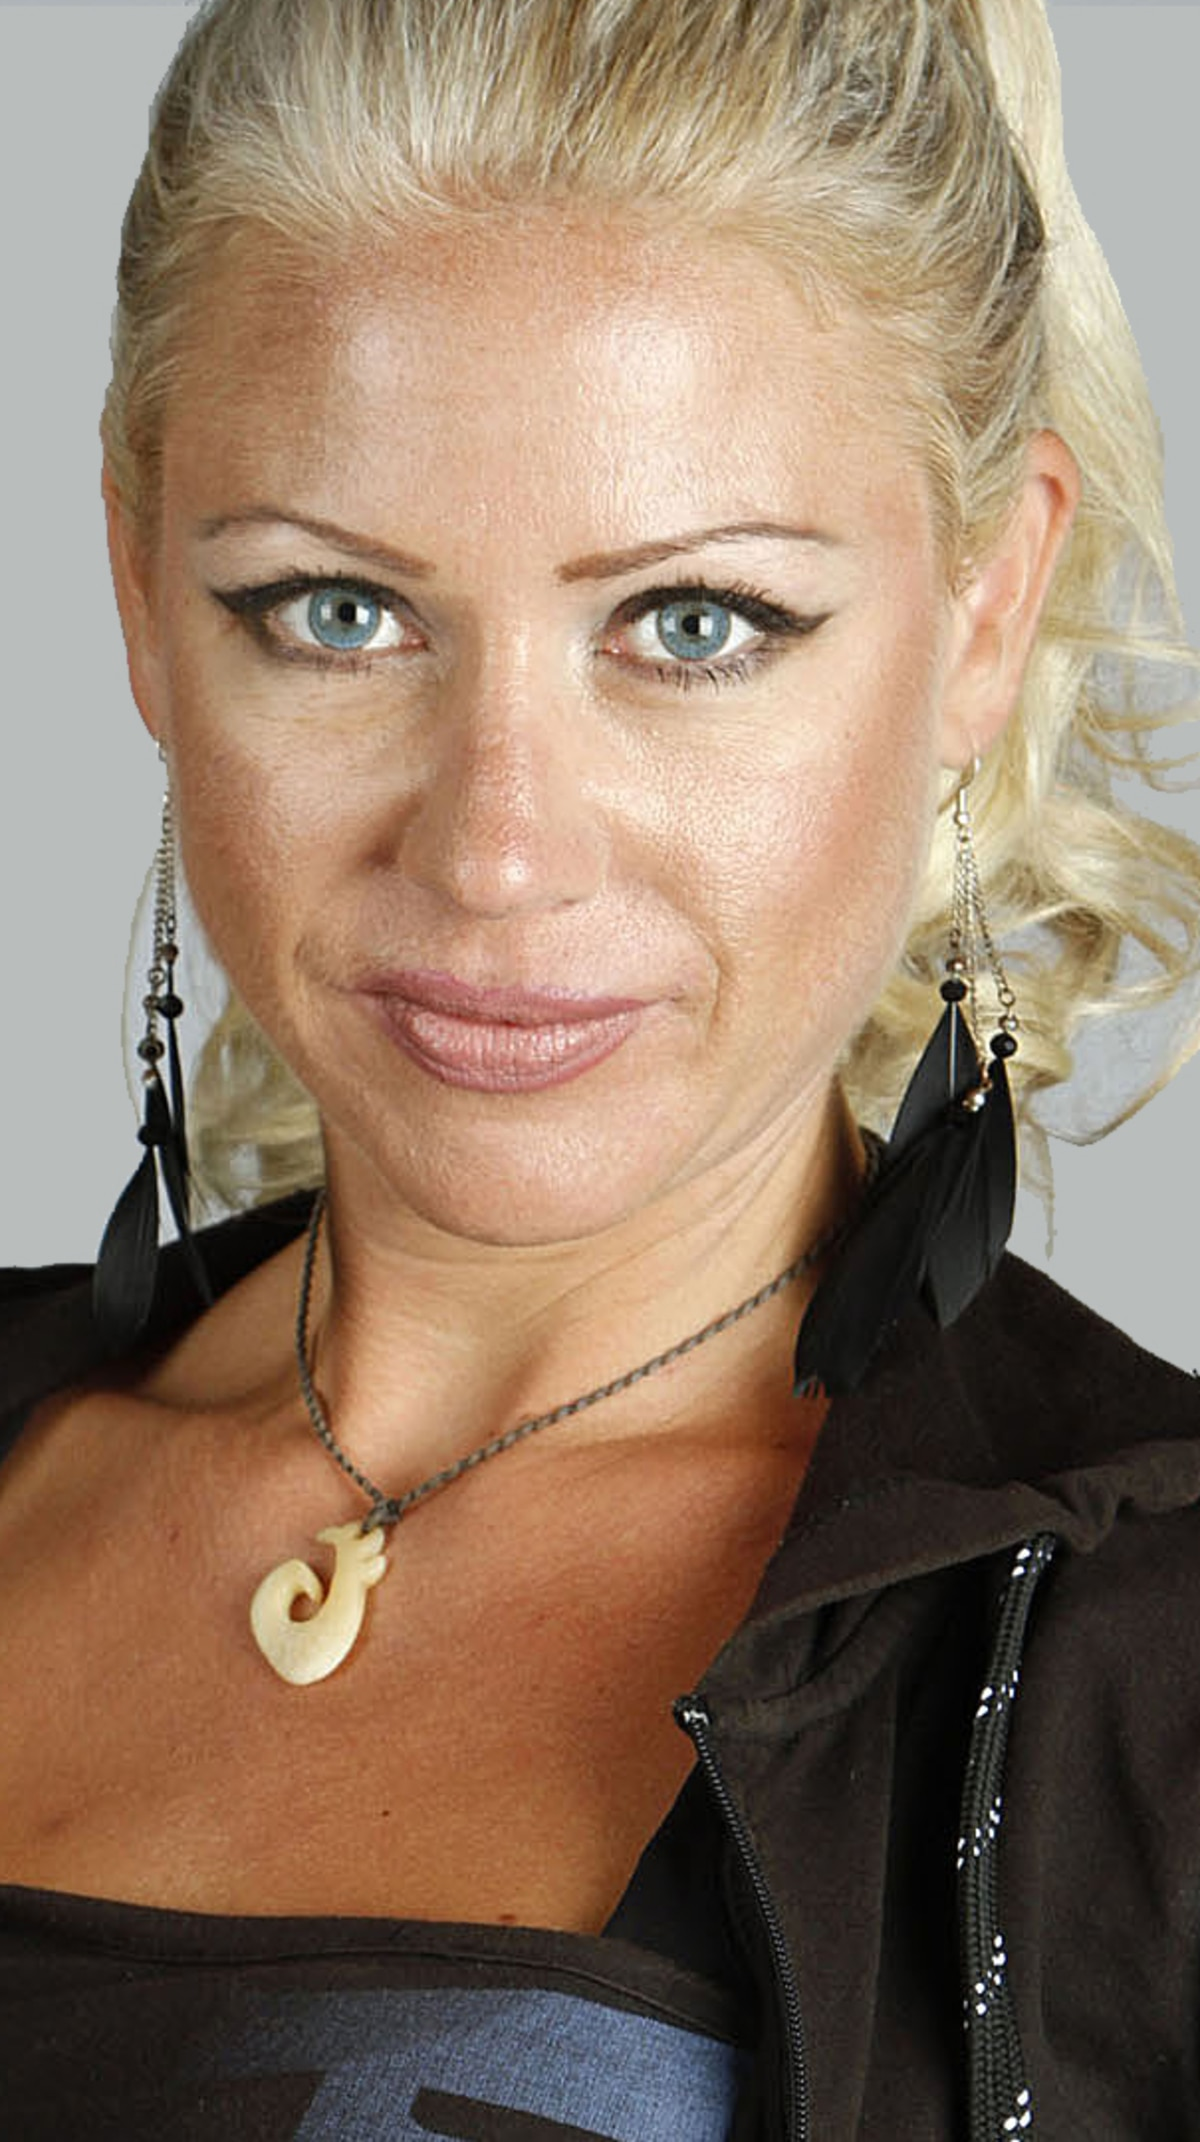 Jana Strehlow